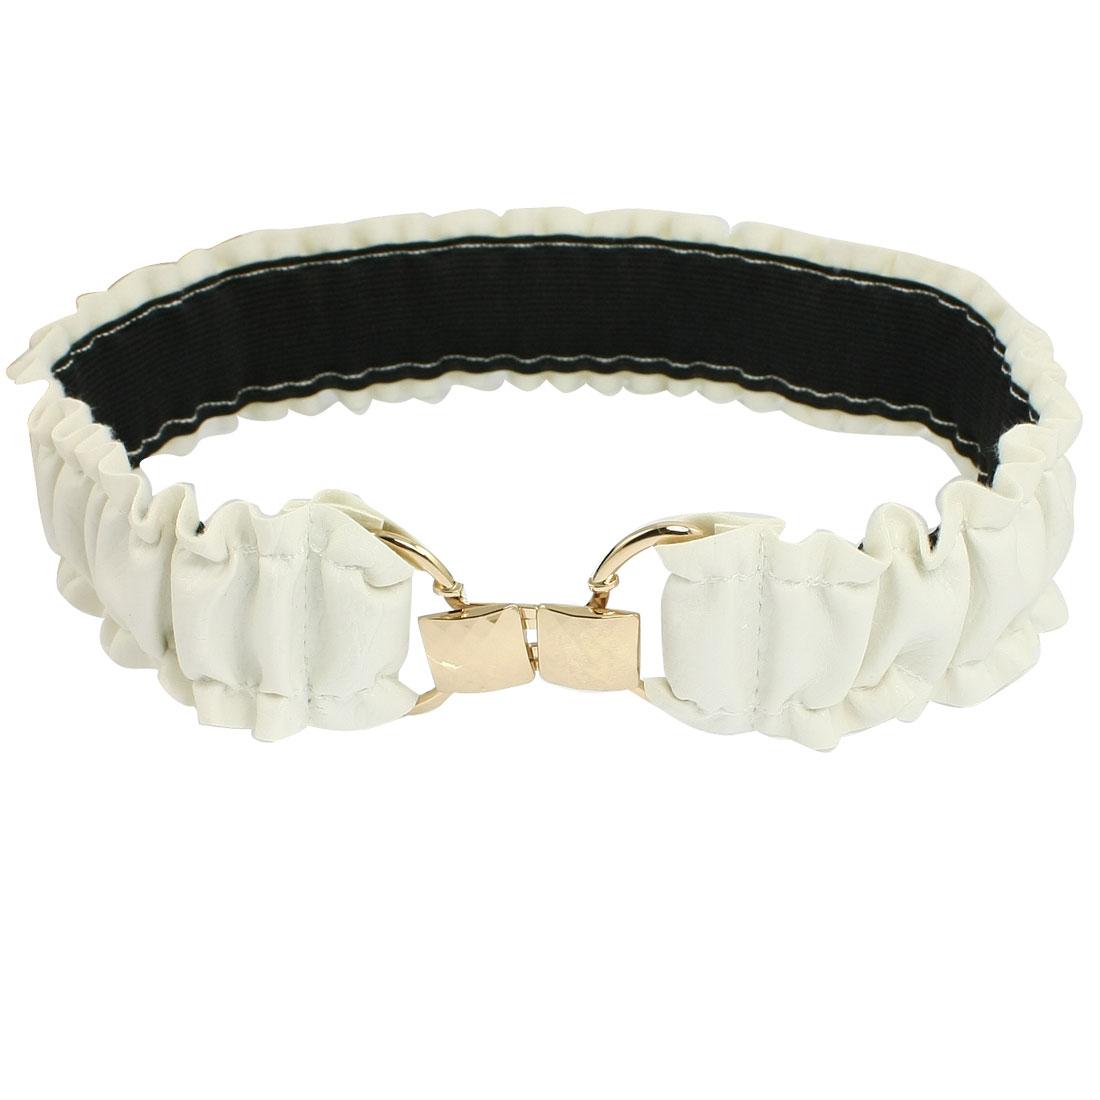 Lady Gold Tone Interlocking Closure Ruched Faux Leather Elastic Waist Belt White